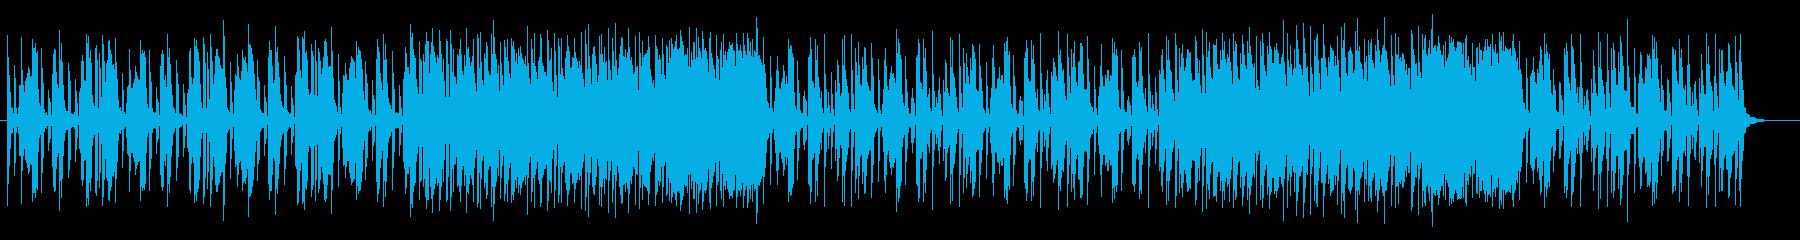 うきうきするレトロなシンセサイザー曲の再生済みの波形